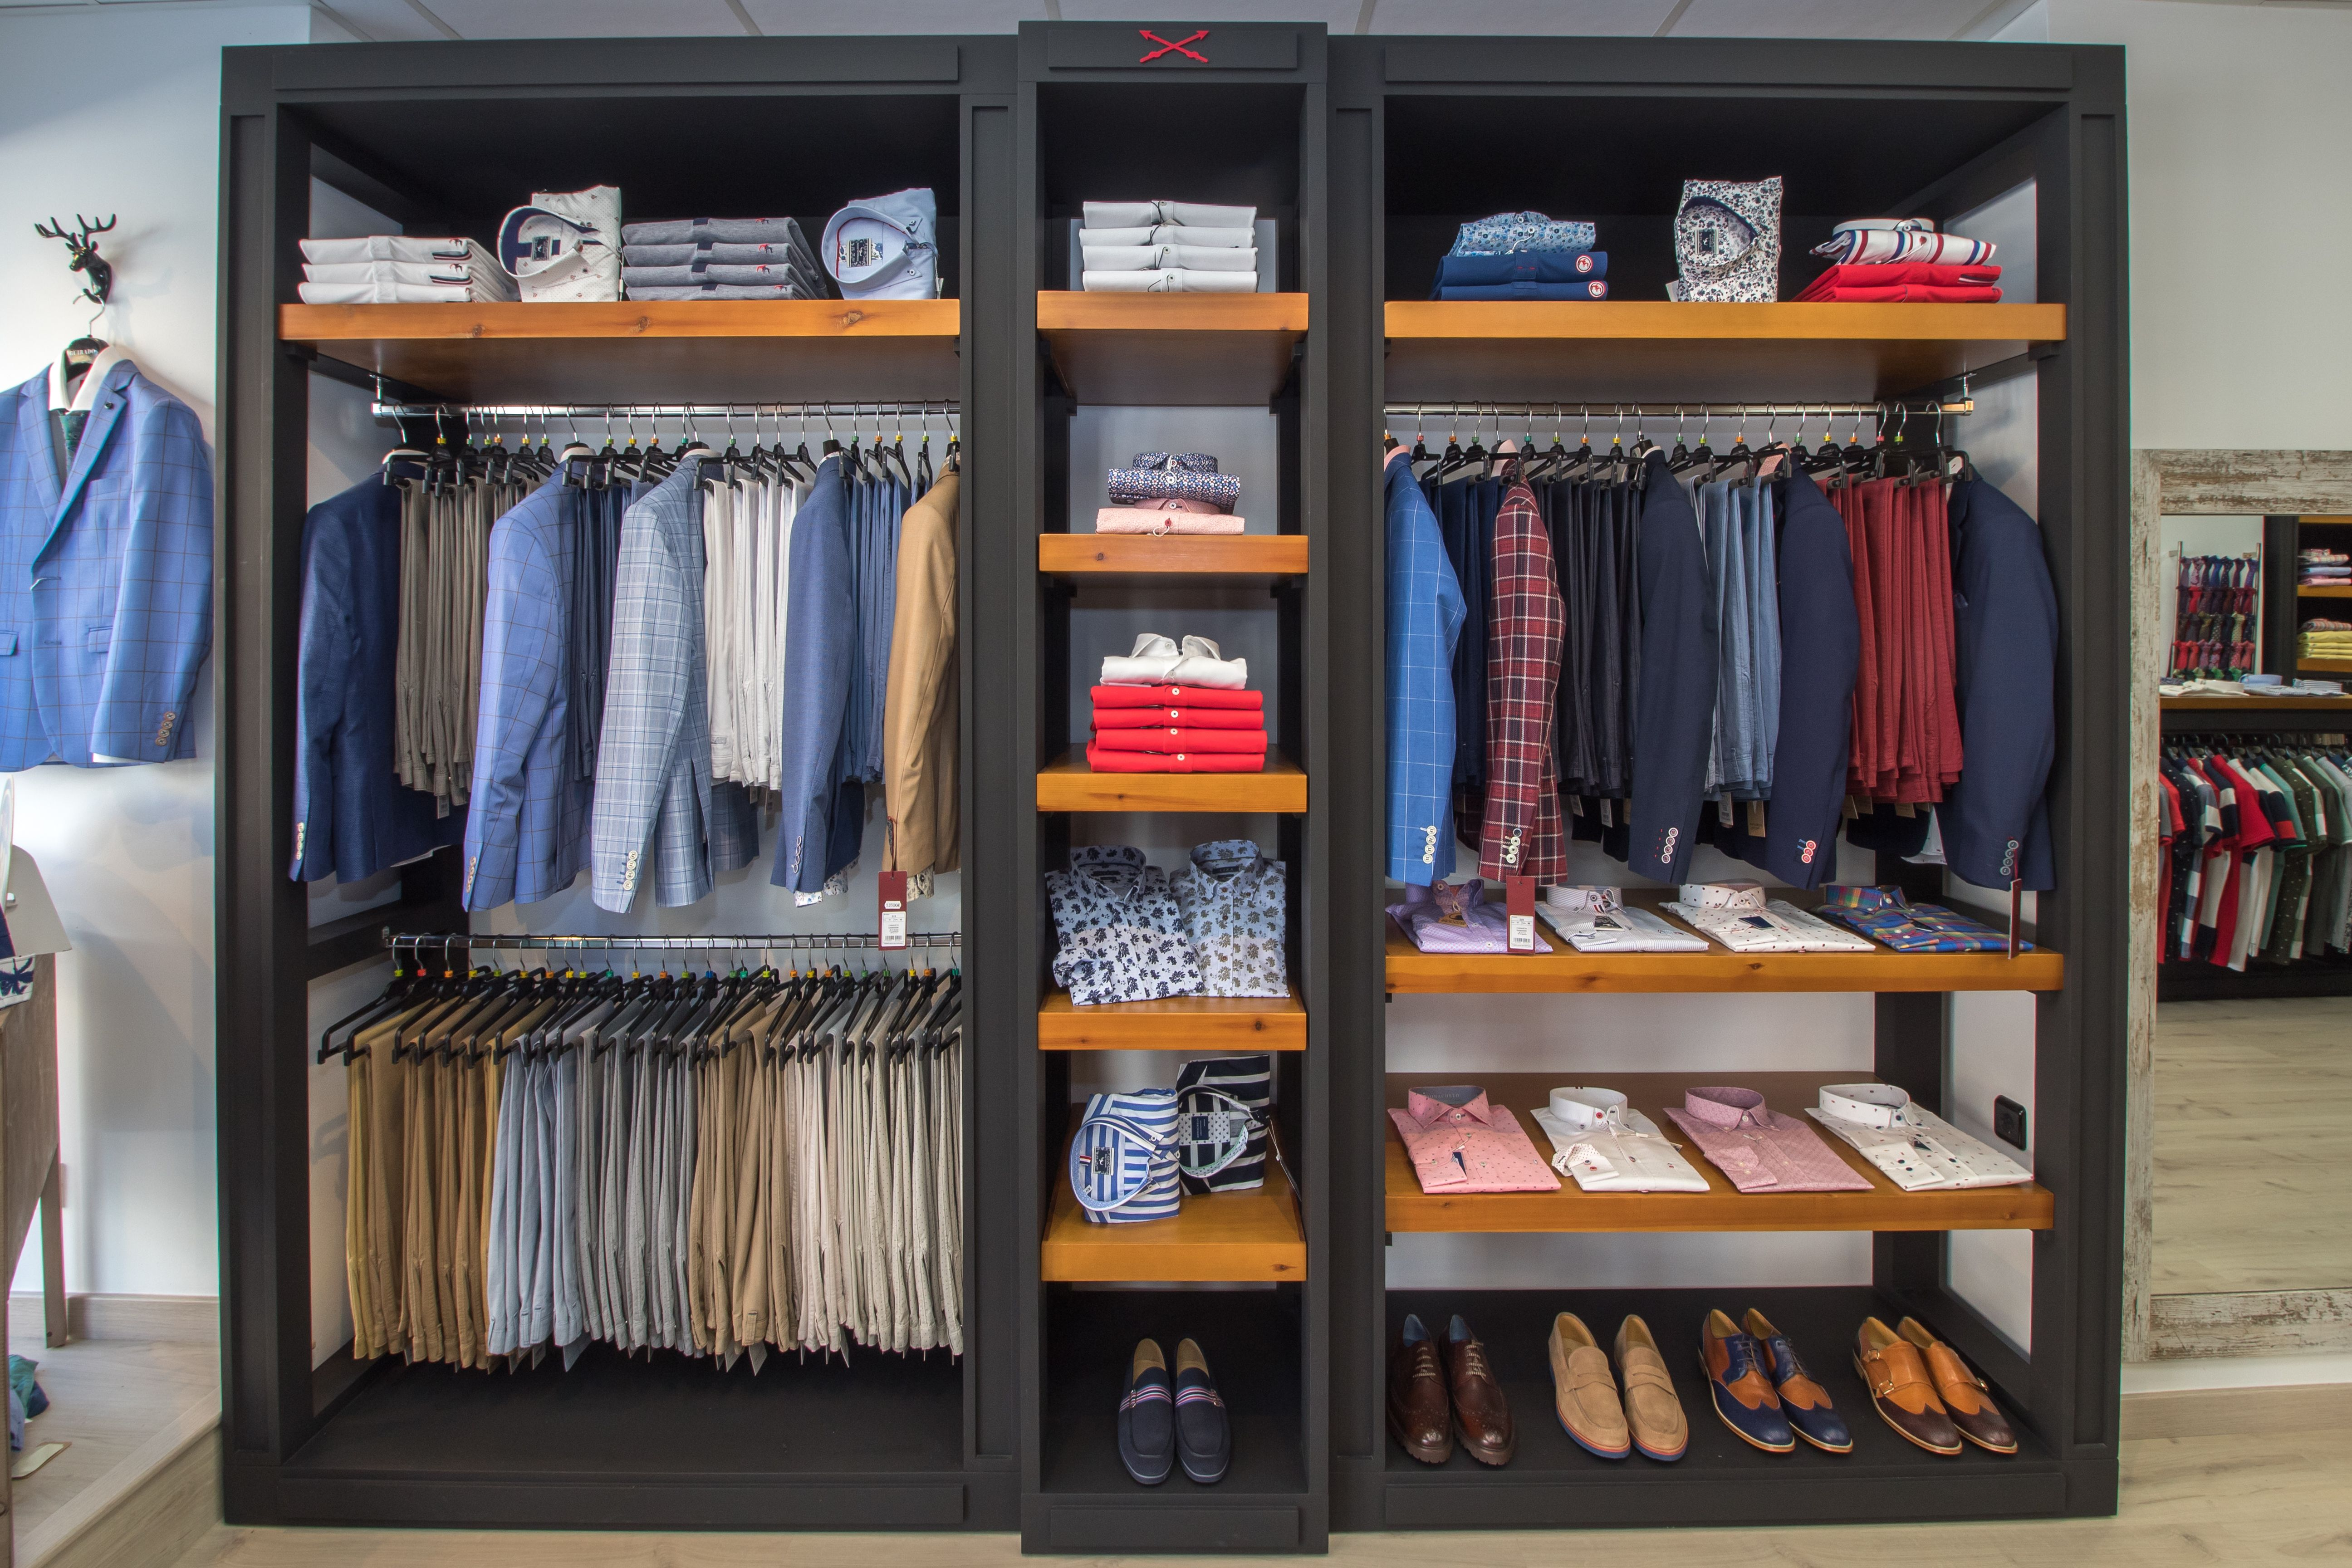 Expositor de ropa de caballero